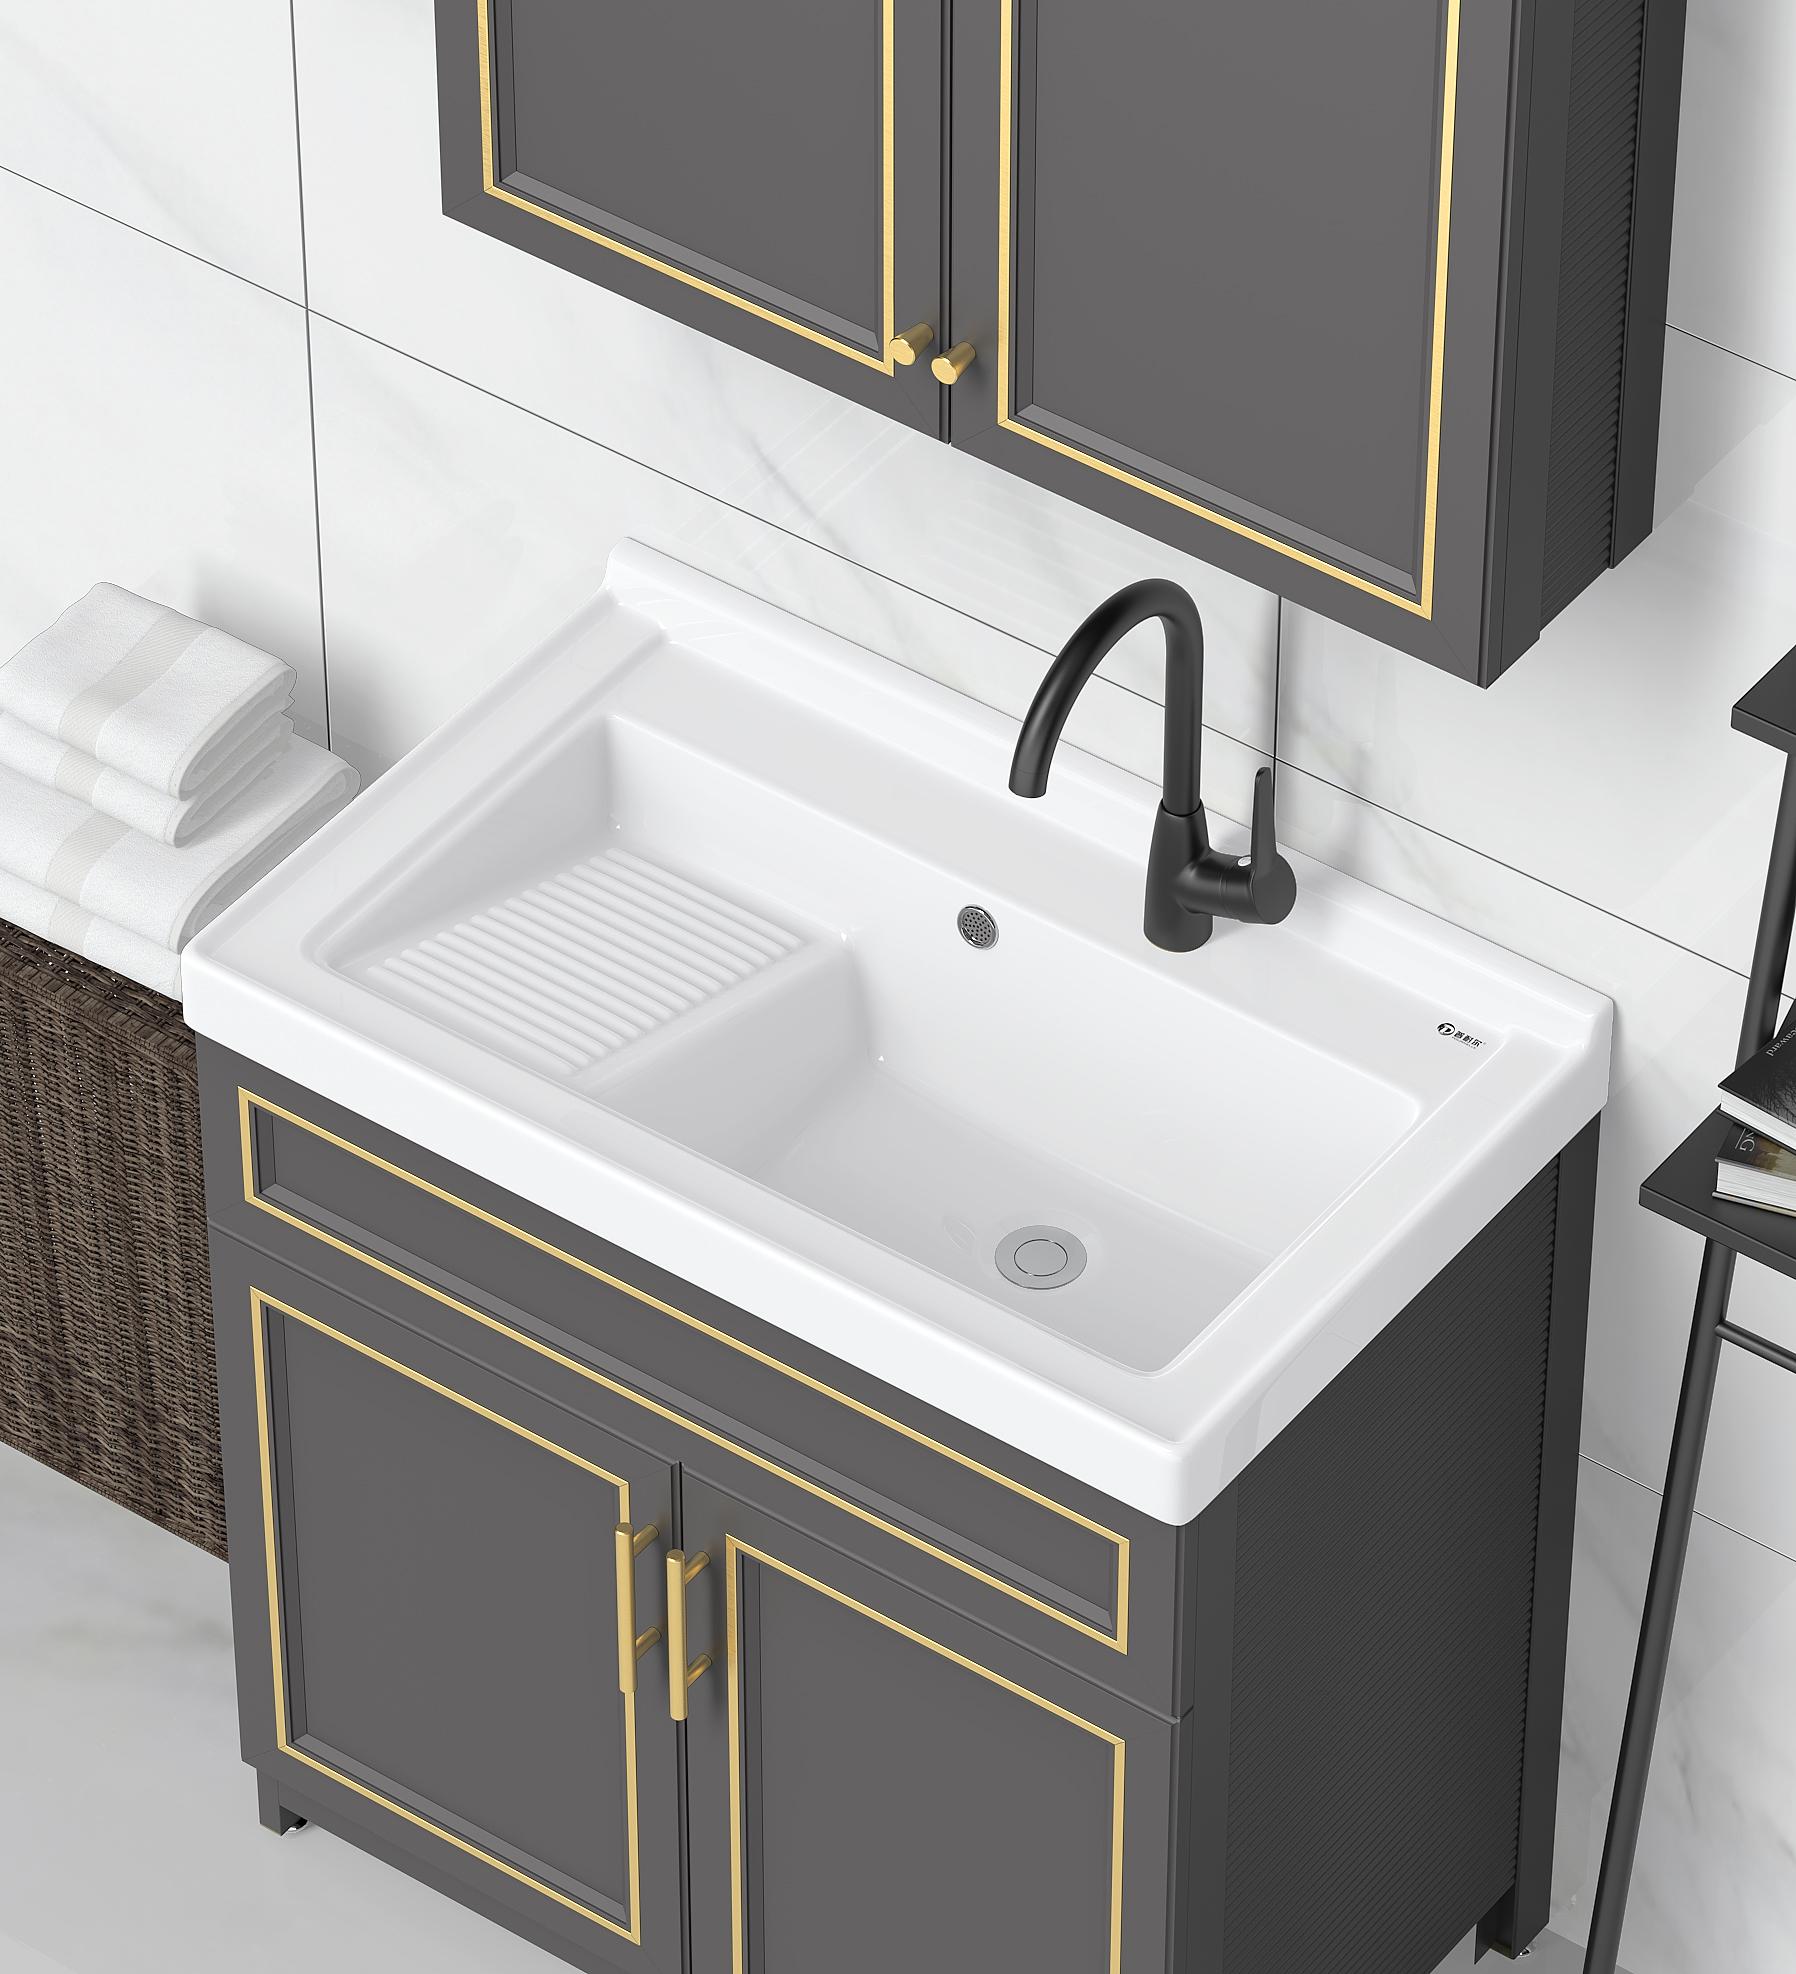 普耐尔阳台太空铝落地式组合洗衣柜一体陶瓷洗衣盆带搓板洗衣池